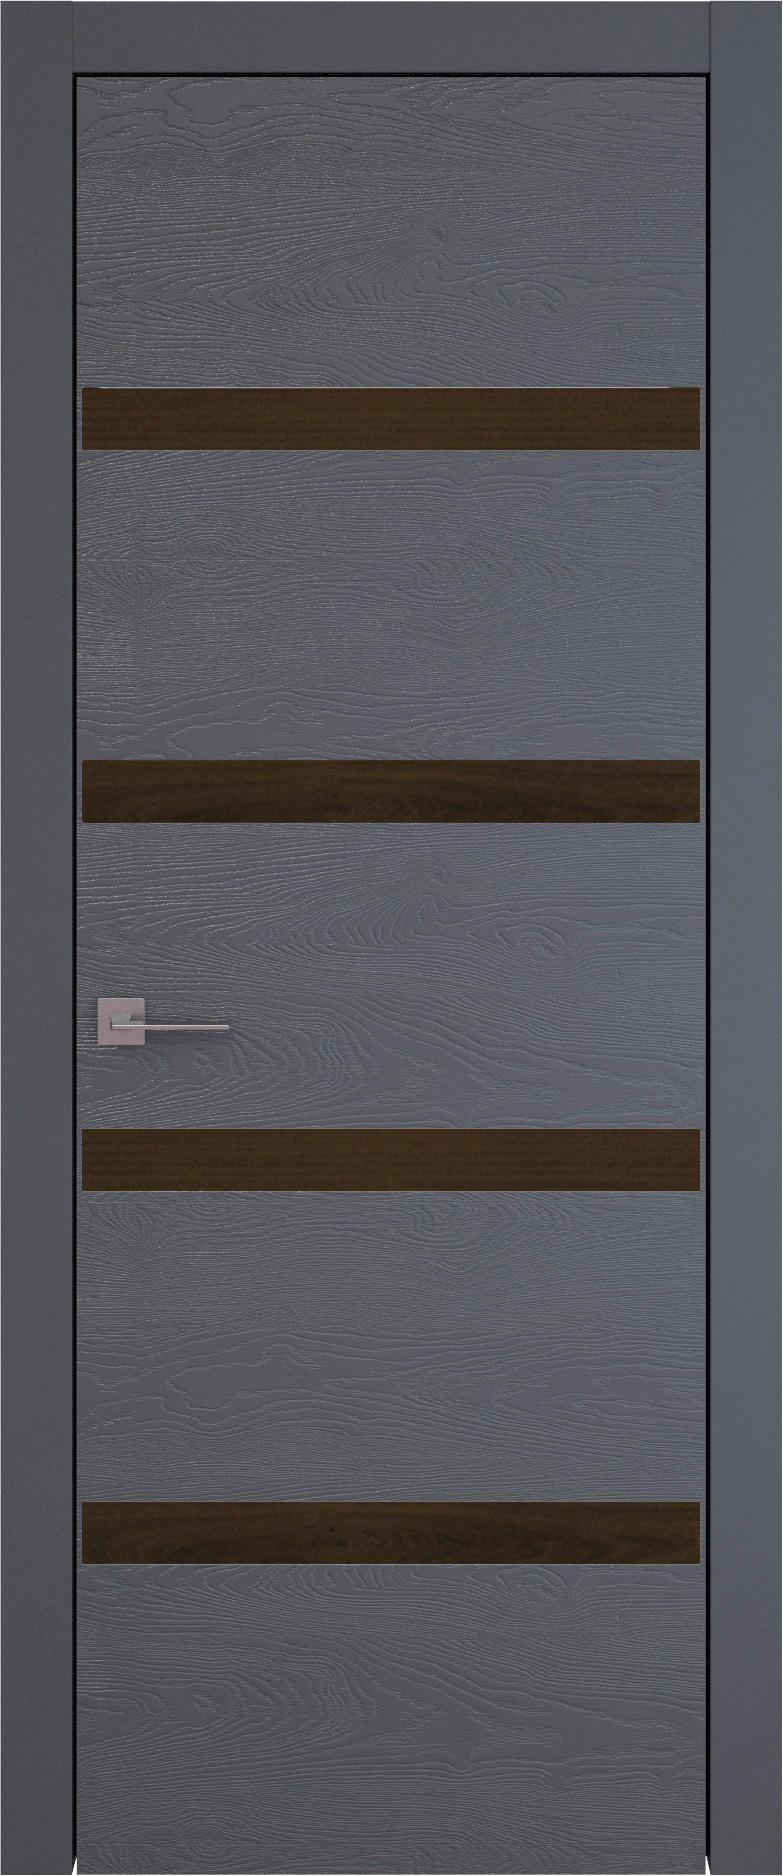 Tivoli Д-4 цвет - Графитово-серая эмаль по шпону (RAL 7024) Без стекла (ДГ)